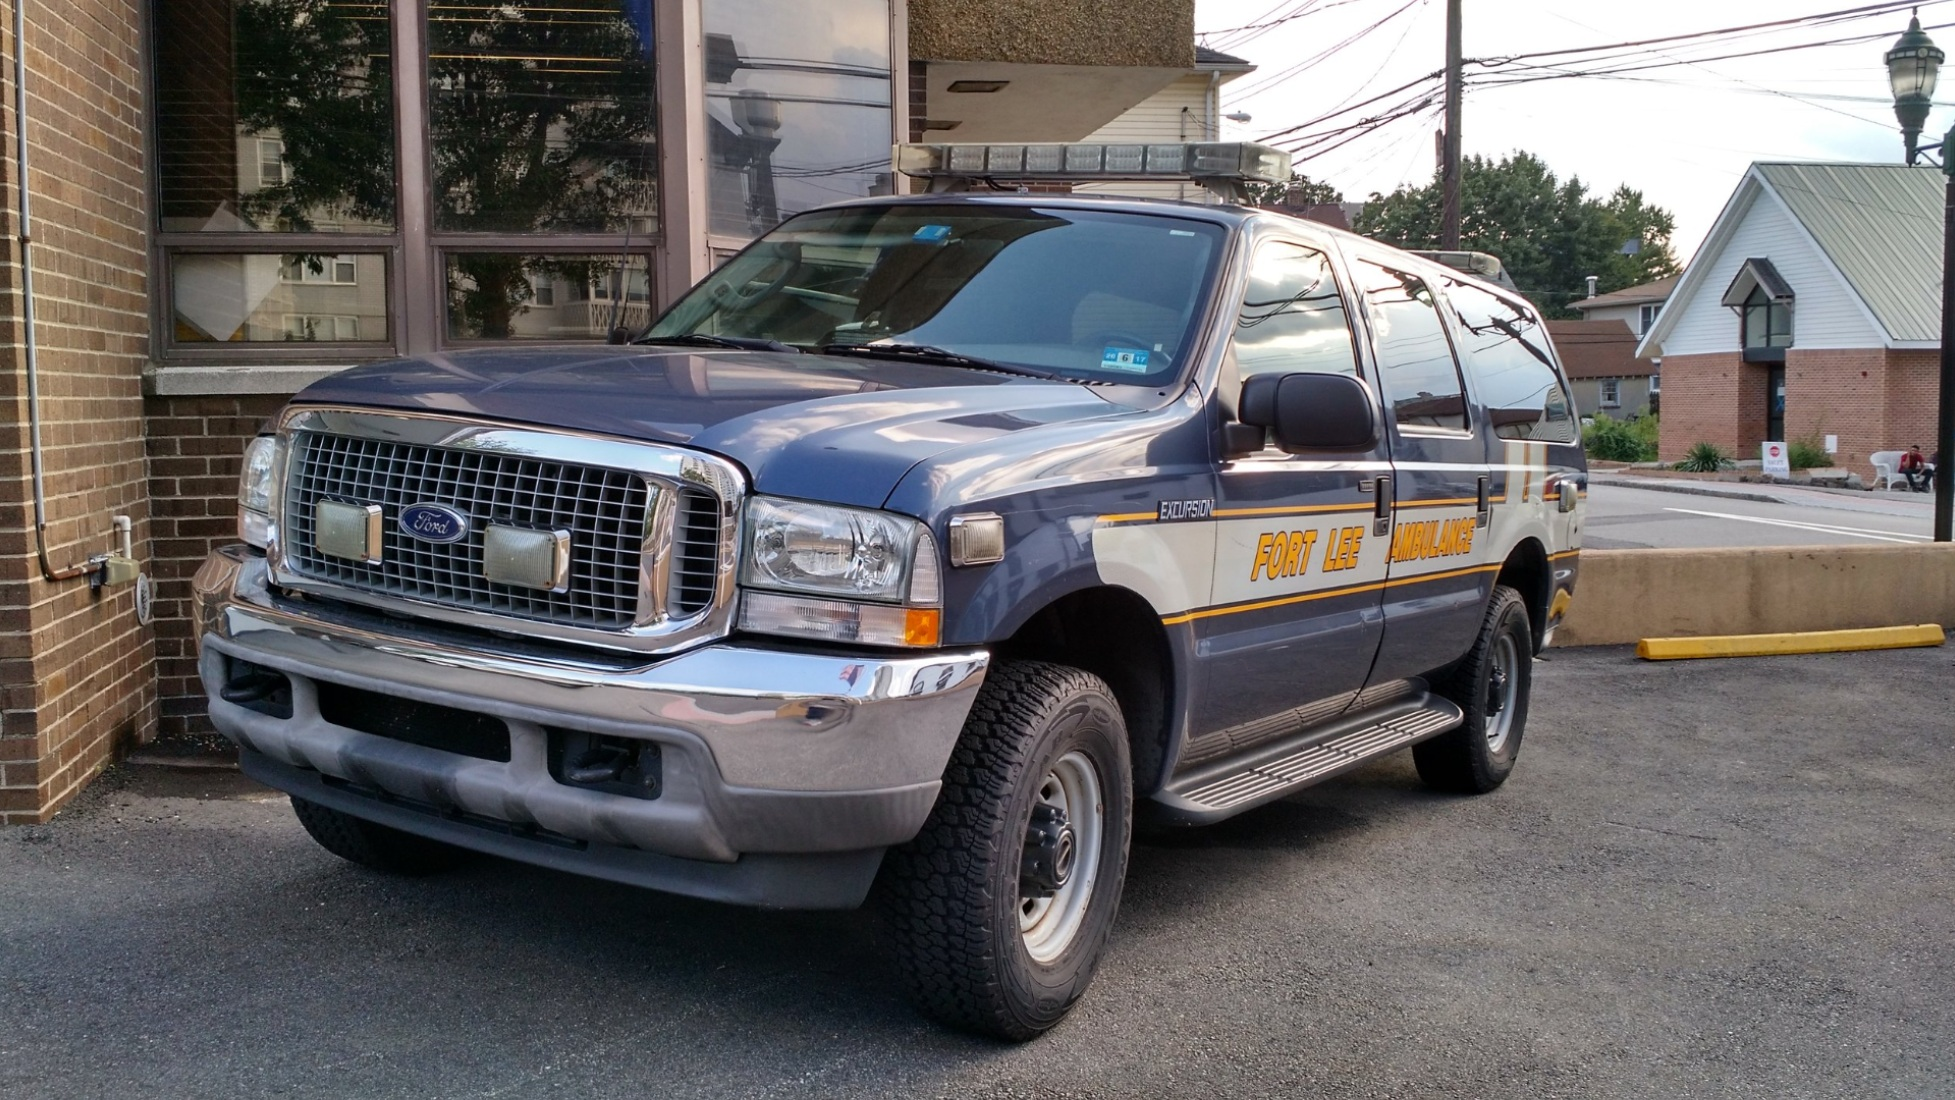 FLA-5 | 2003 Ford Excursion XLT